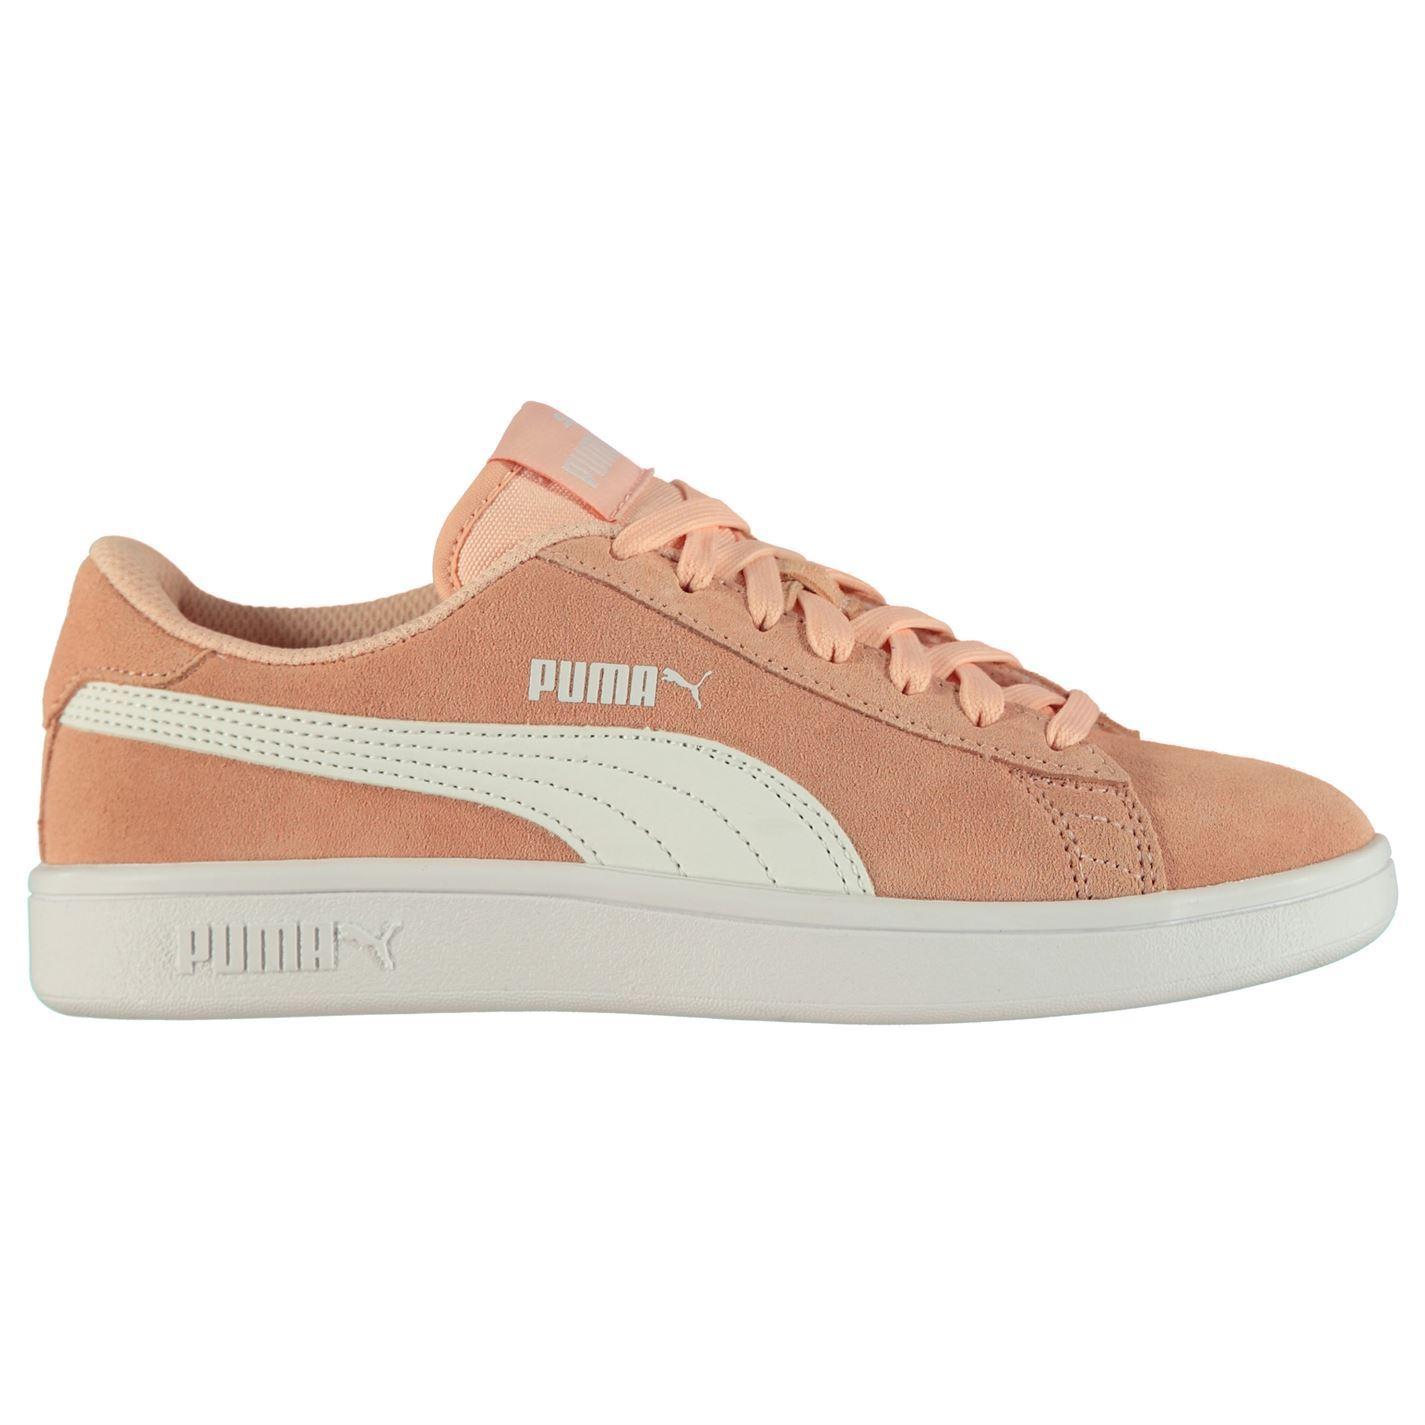 Puma Smash v2 Suede Trainers Juniors Girls PeachWhite Shoes